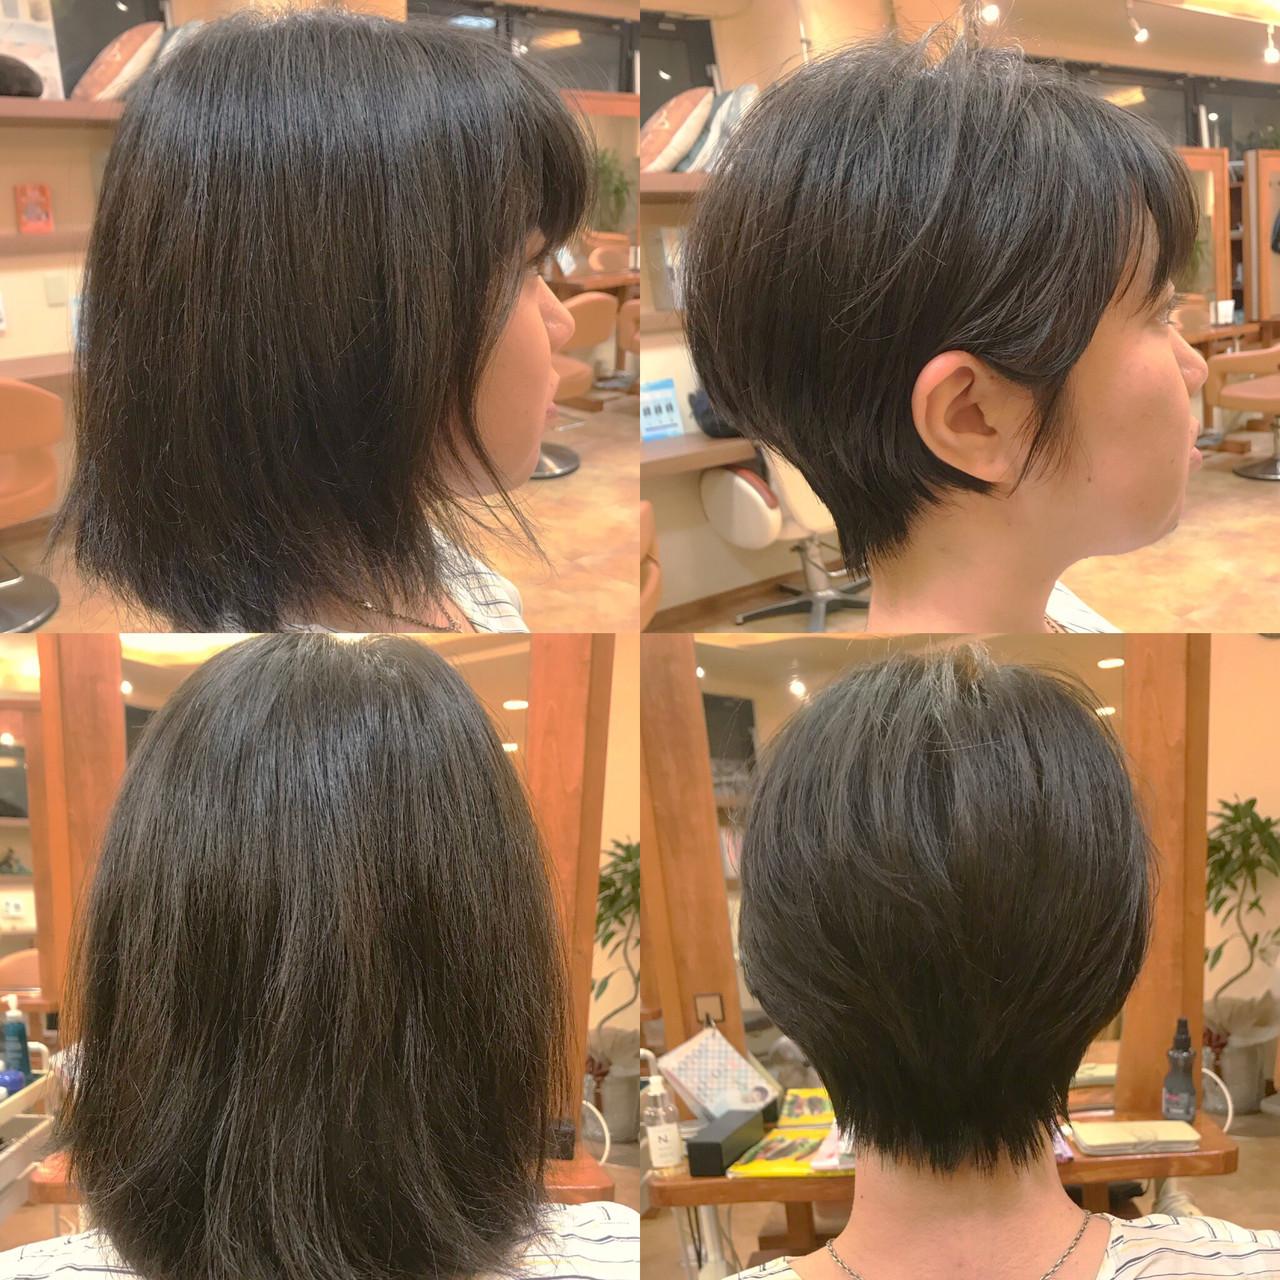 艶髪 簡単ヘアアレンジ ナチュラル 大人かわいい ヘアスタイルや髪型の写真・画像 | 日平 海 / モリオフロムロンドン 池袋店